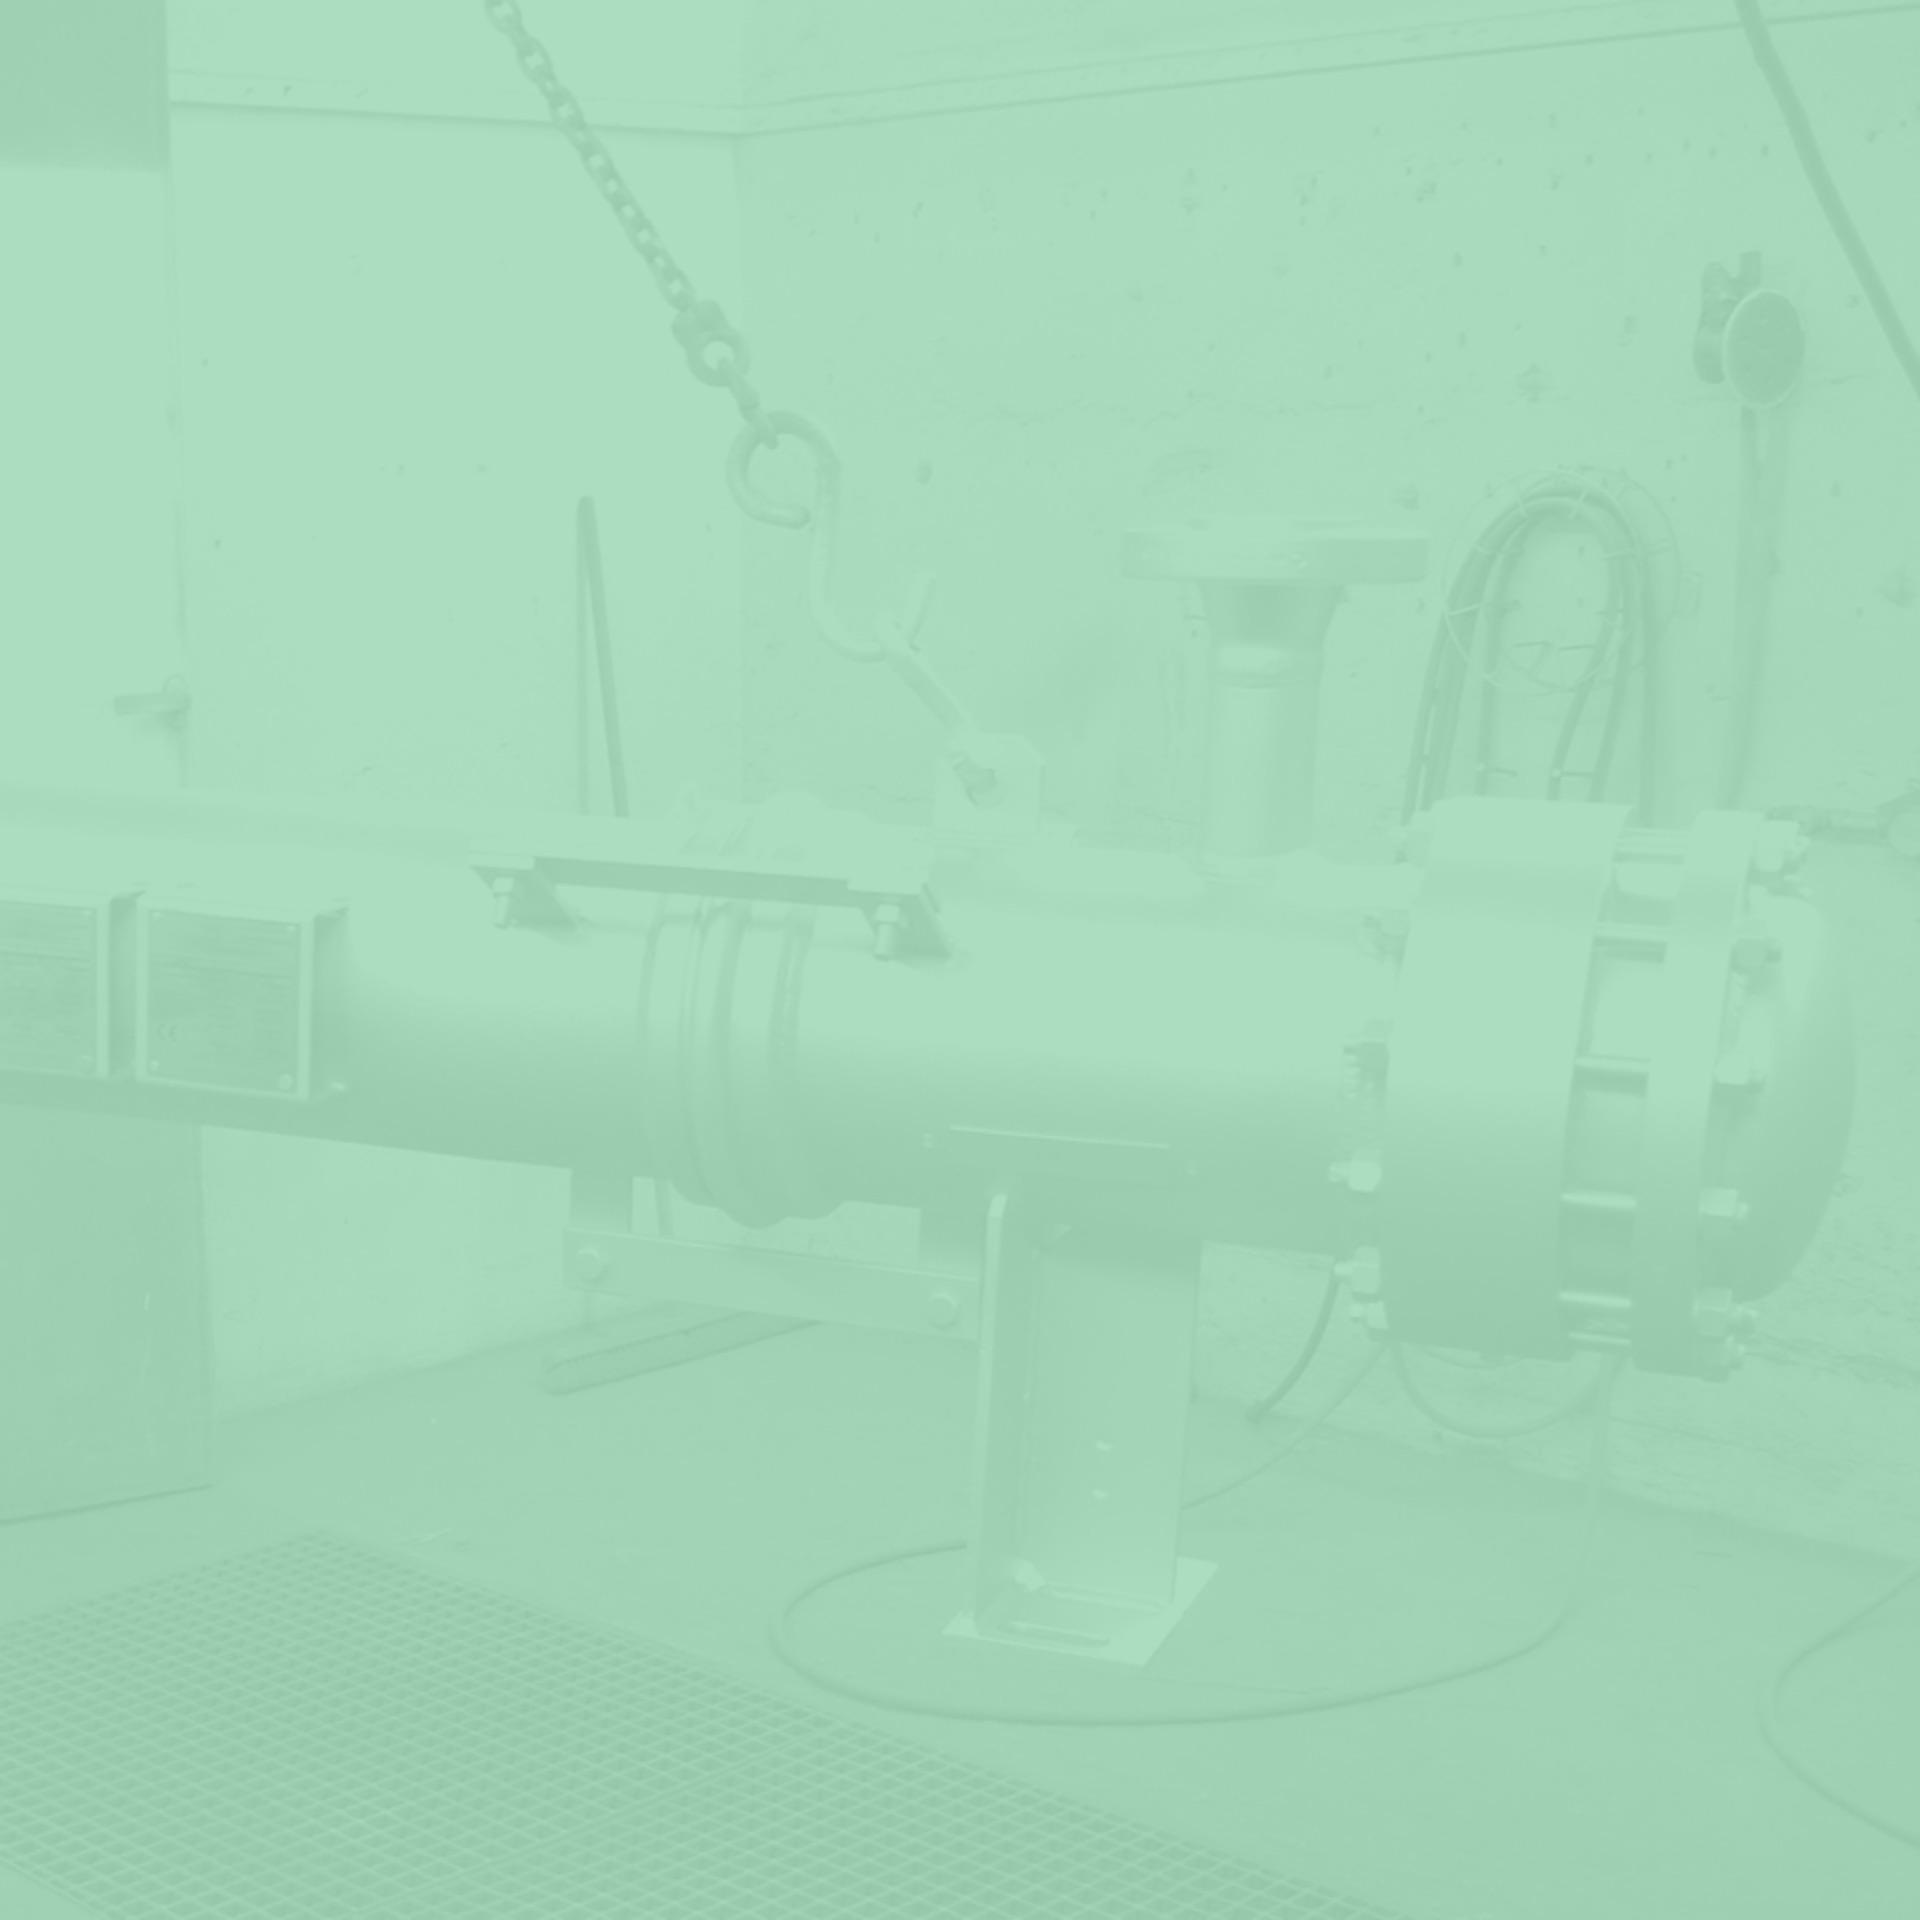 GWA_heat_exchanger_tube_bundle_heat_exchanger_fixed_floor_device_with_compensator_as_natural_gas_preheater_2_Gesellschaft_fuer_Waerme_und_Anlagentechnik_mbH_monochrom